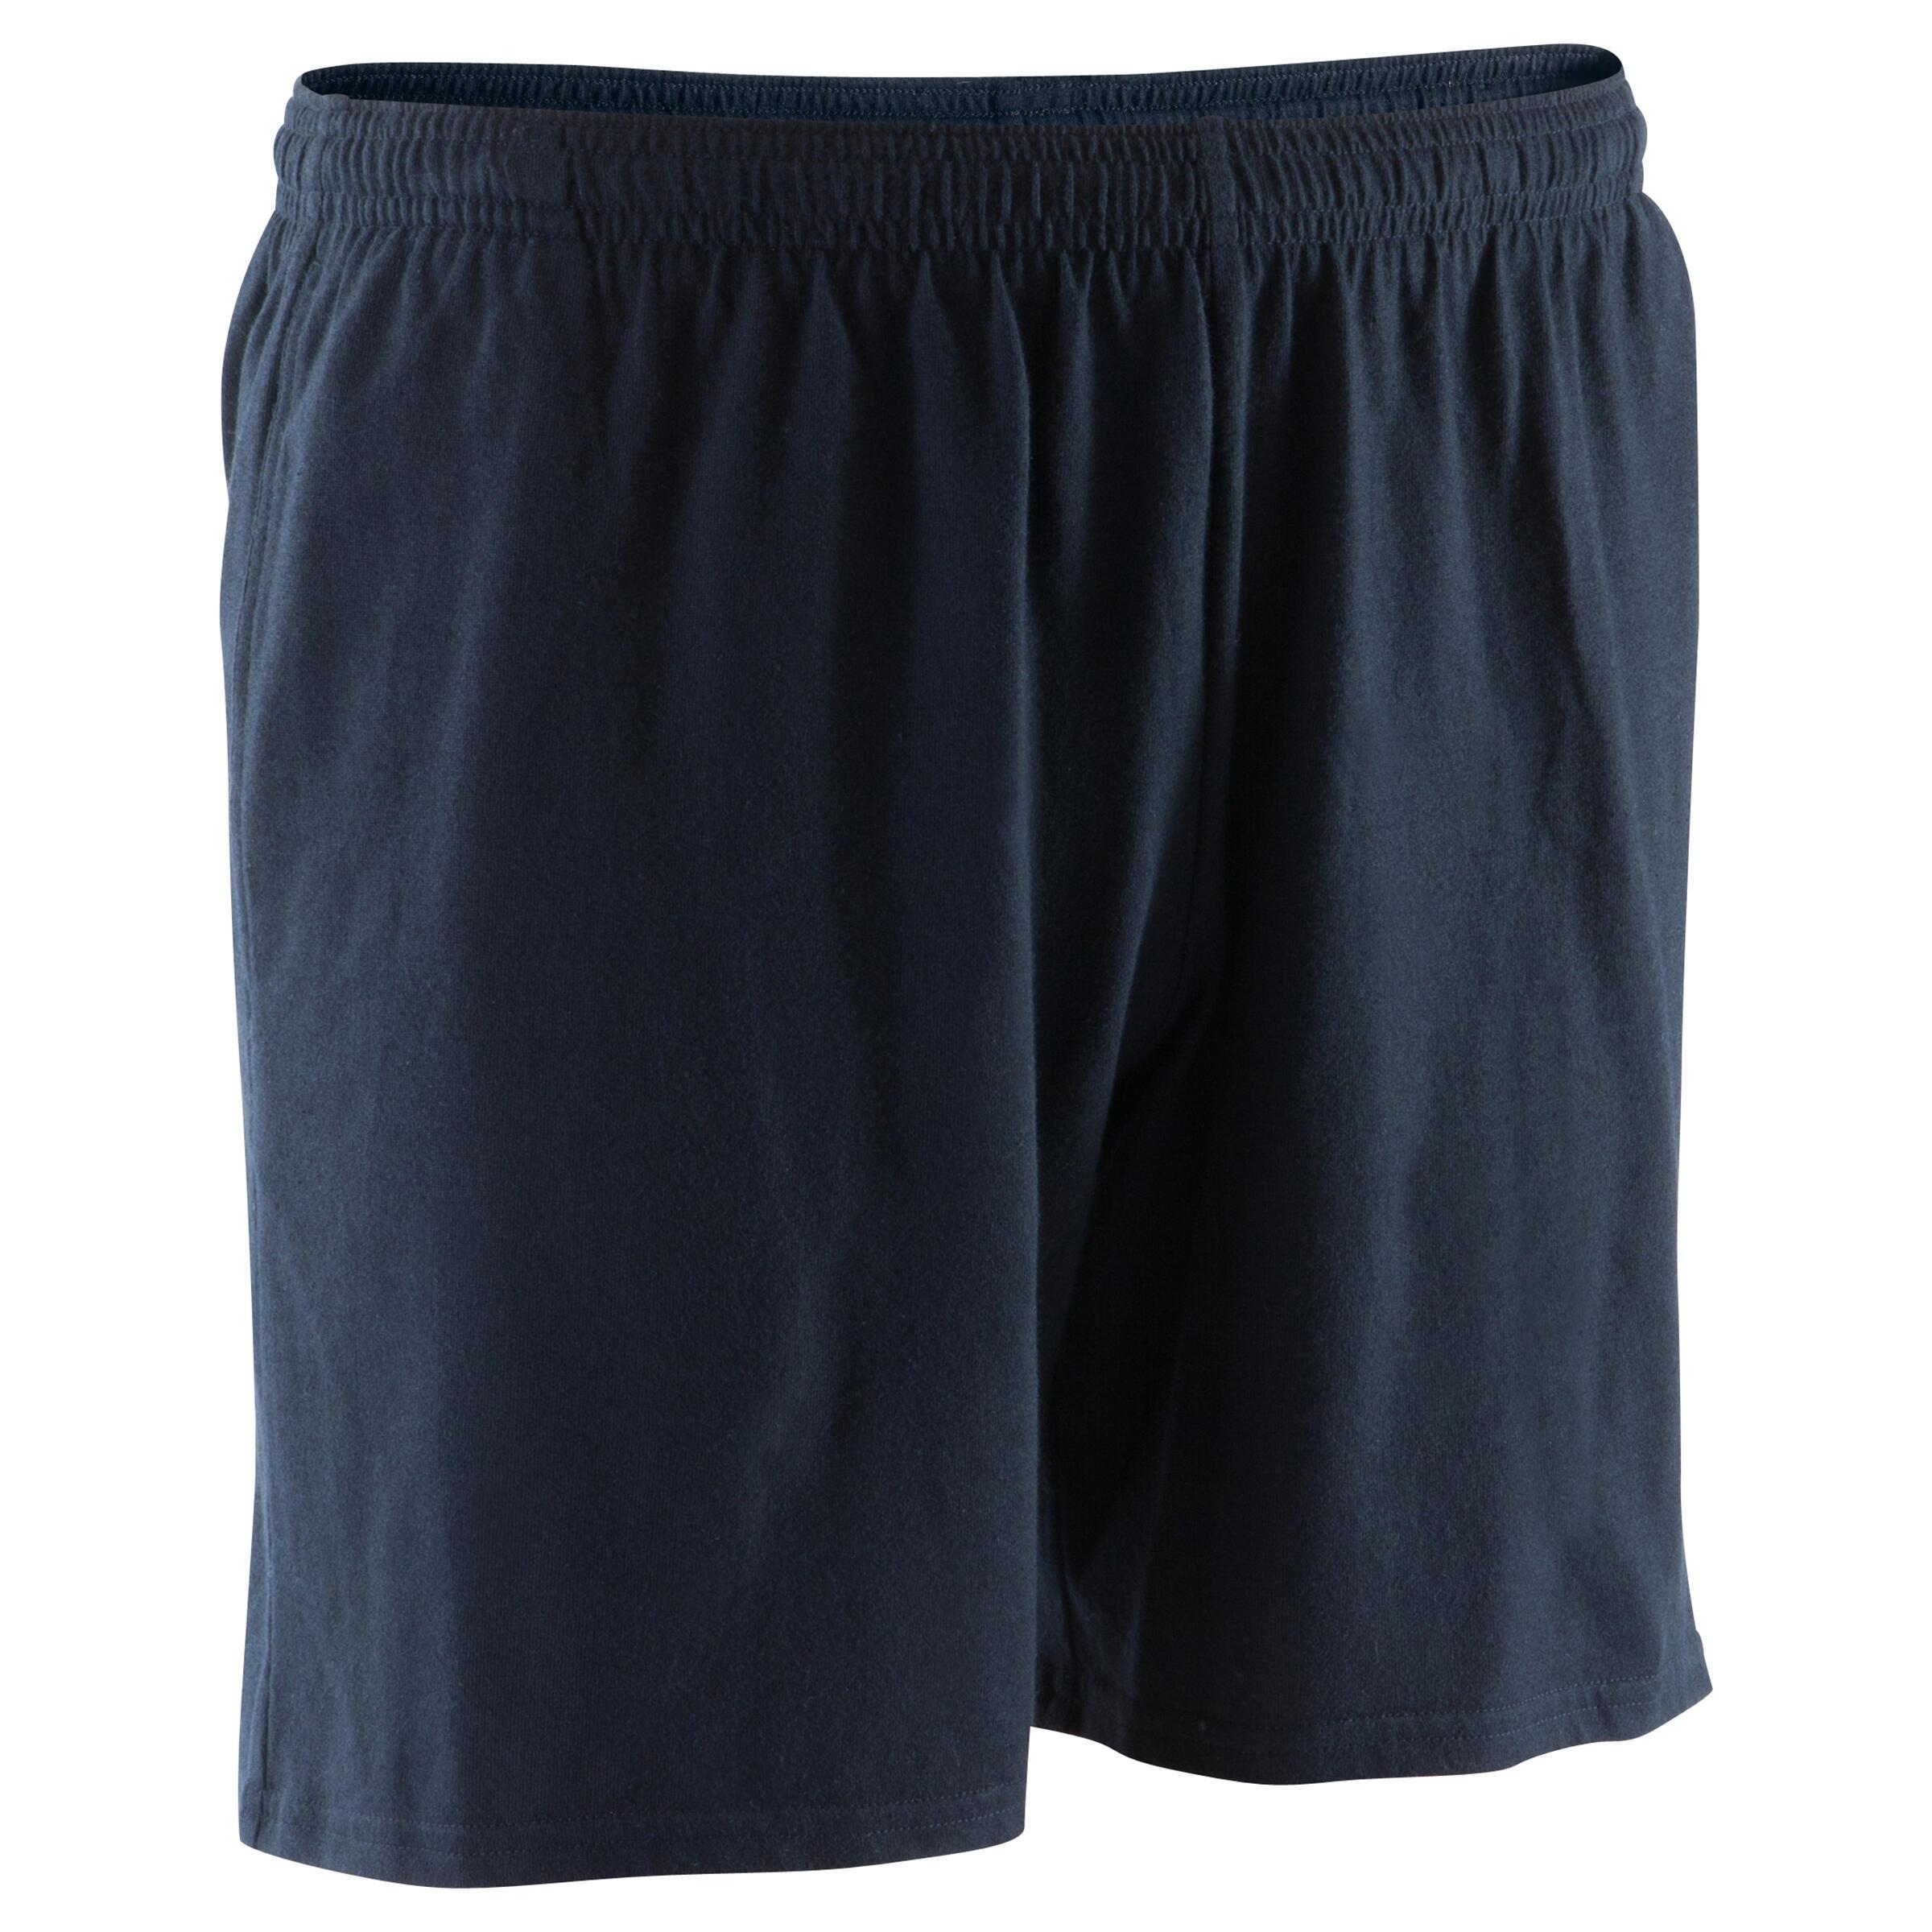 Short 100 mi-cuisse gym et pilates homme noir